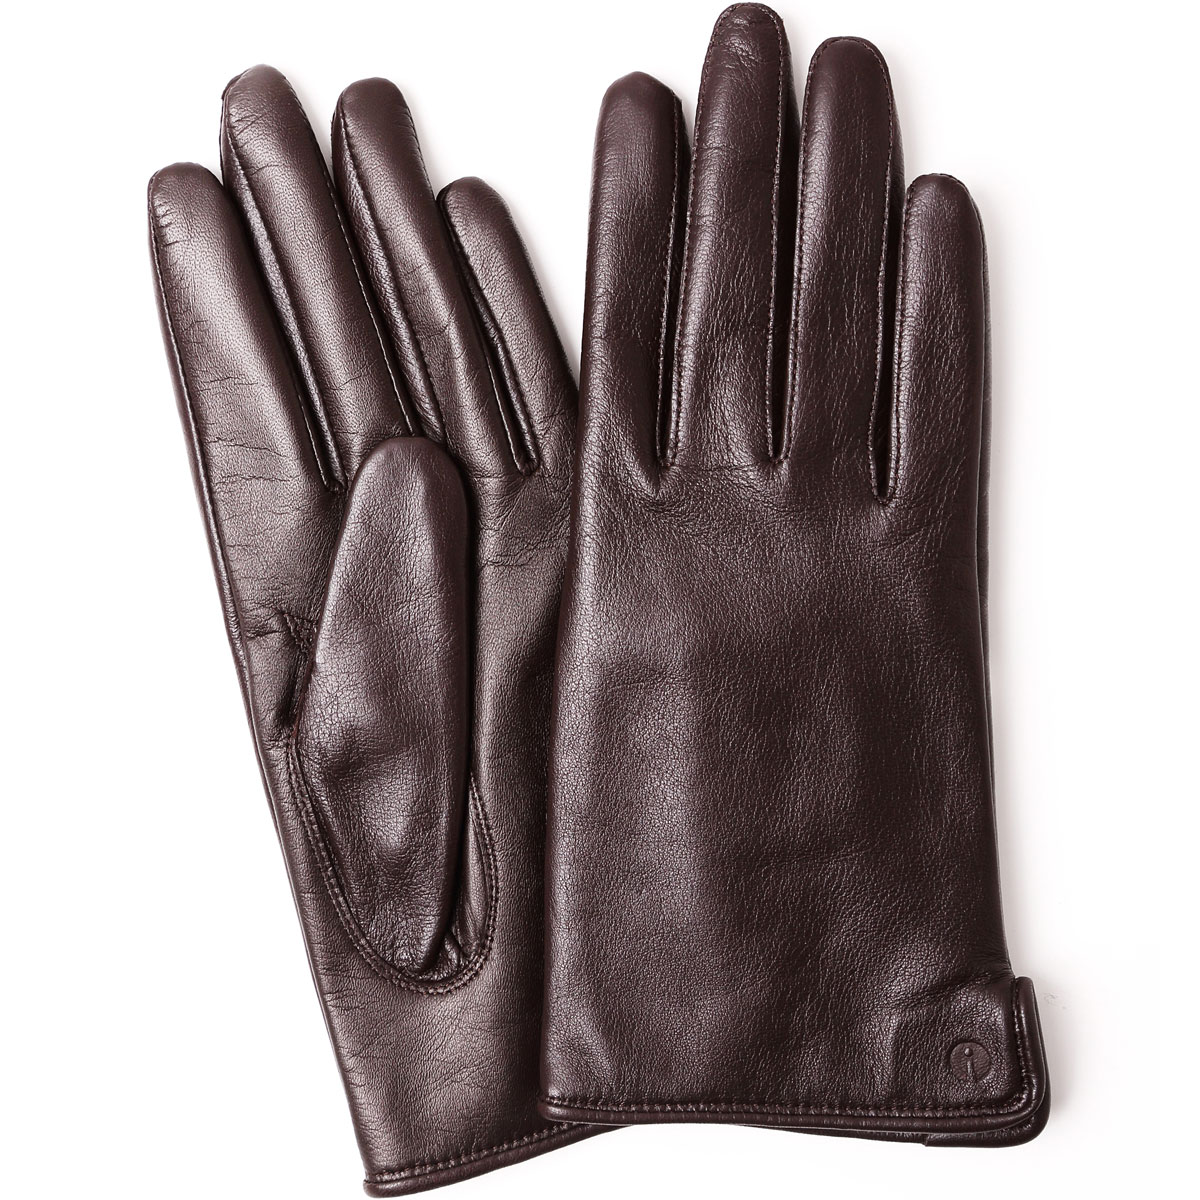 手袋 iTouch Gloves Leather S レディース 2019-2020新作 スマートフォン・タブレット対応 手ぶくろ 機能性手袋 スマホ タッチパネル対応 アイタッチグローブ 本革レザー Sサイズ 女性用 ブラウン